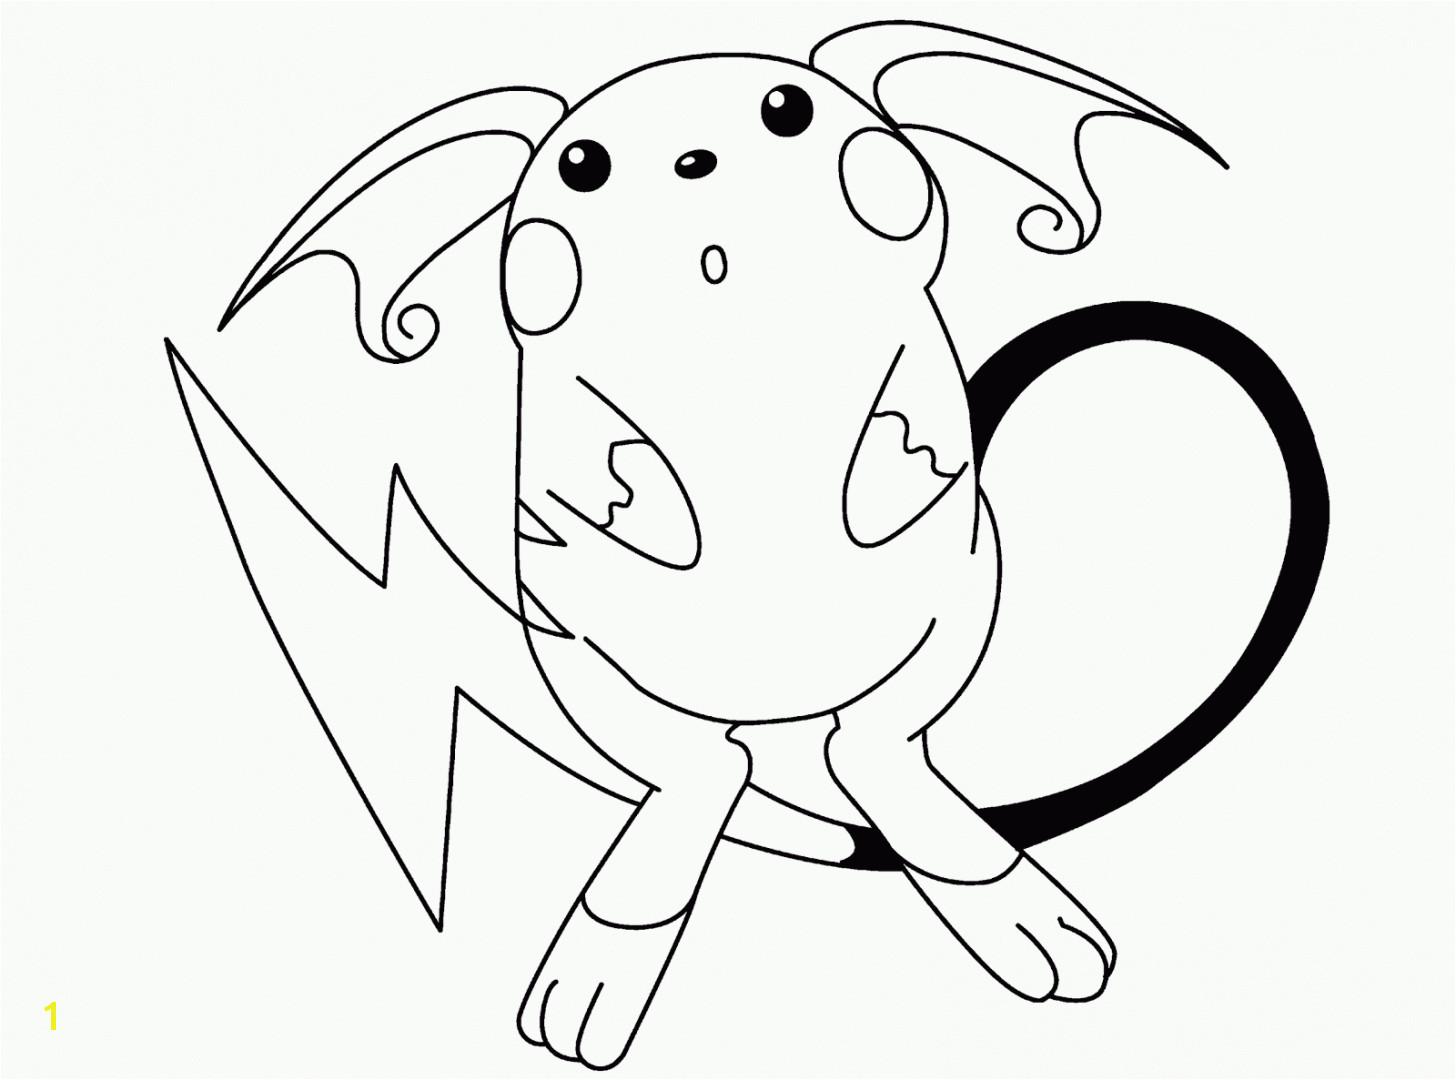 Pokemon Go Coloring Pages Printable Desenhos Do Pokemon Para Imprimir E Colorir Educação Line